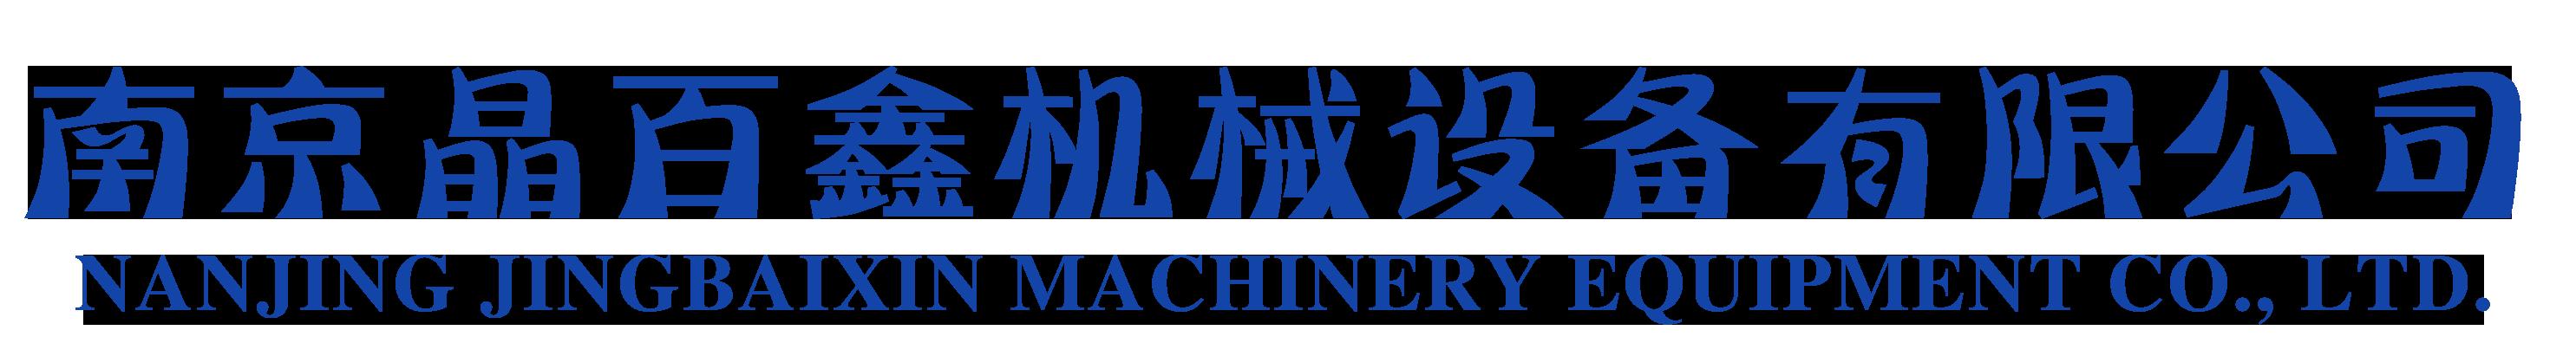 南京晶百鑫机械设备有限公司